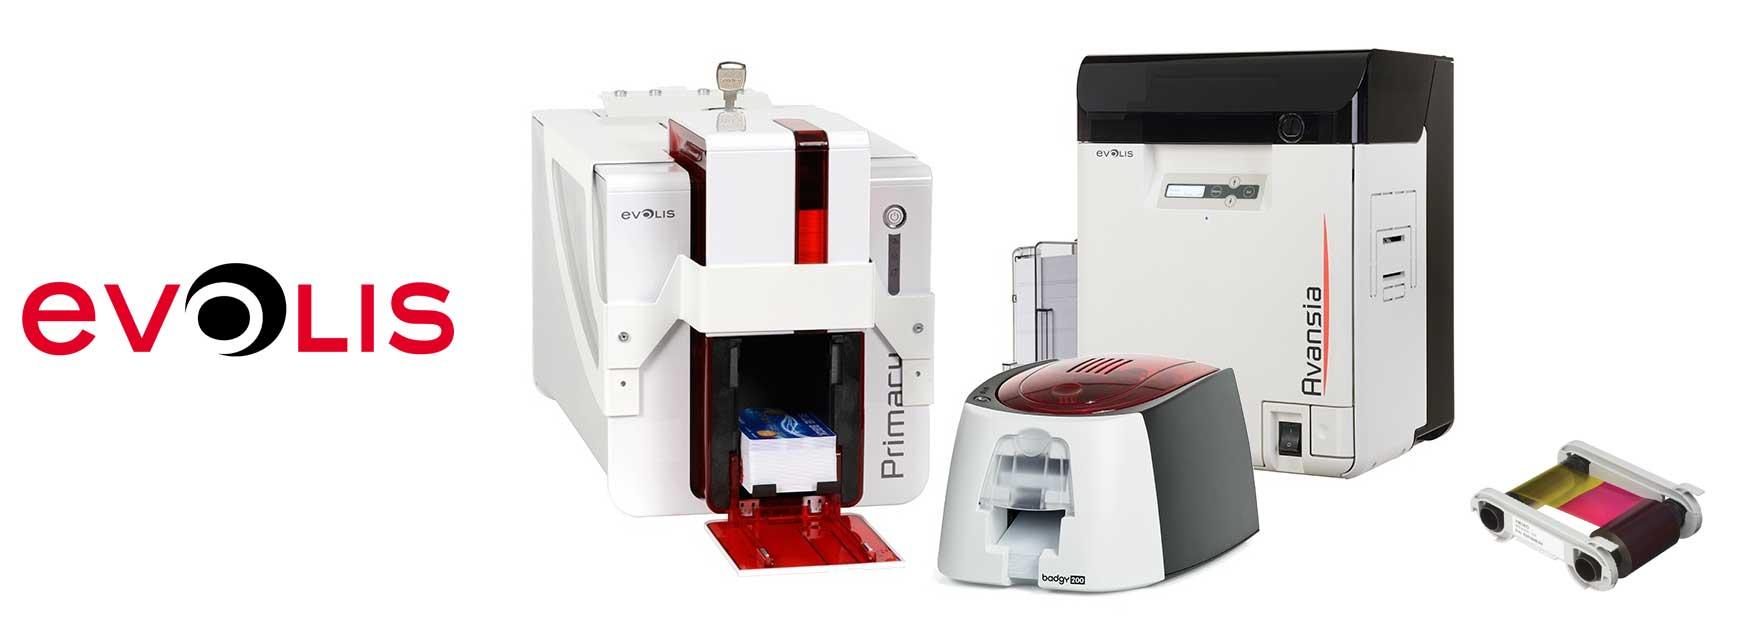 Evolis card printer